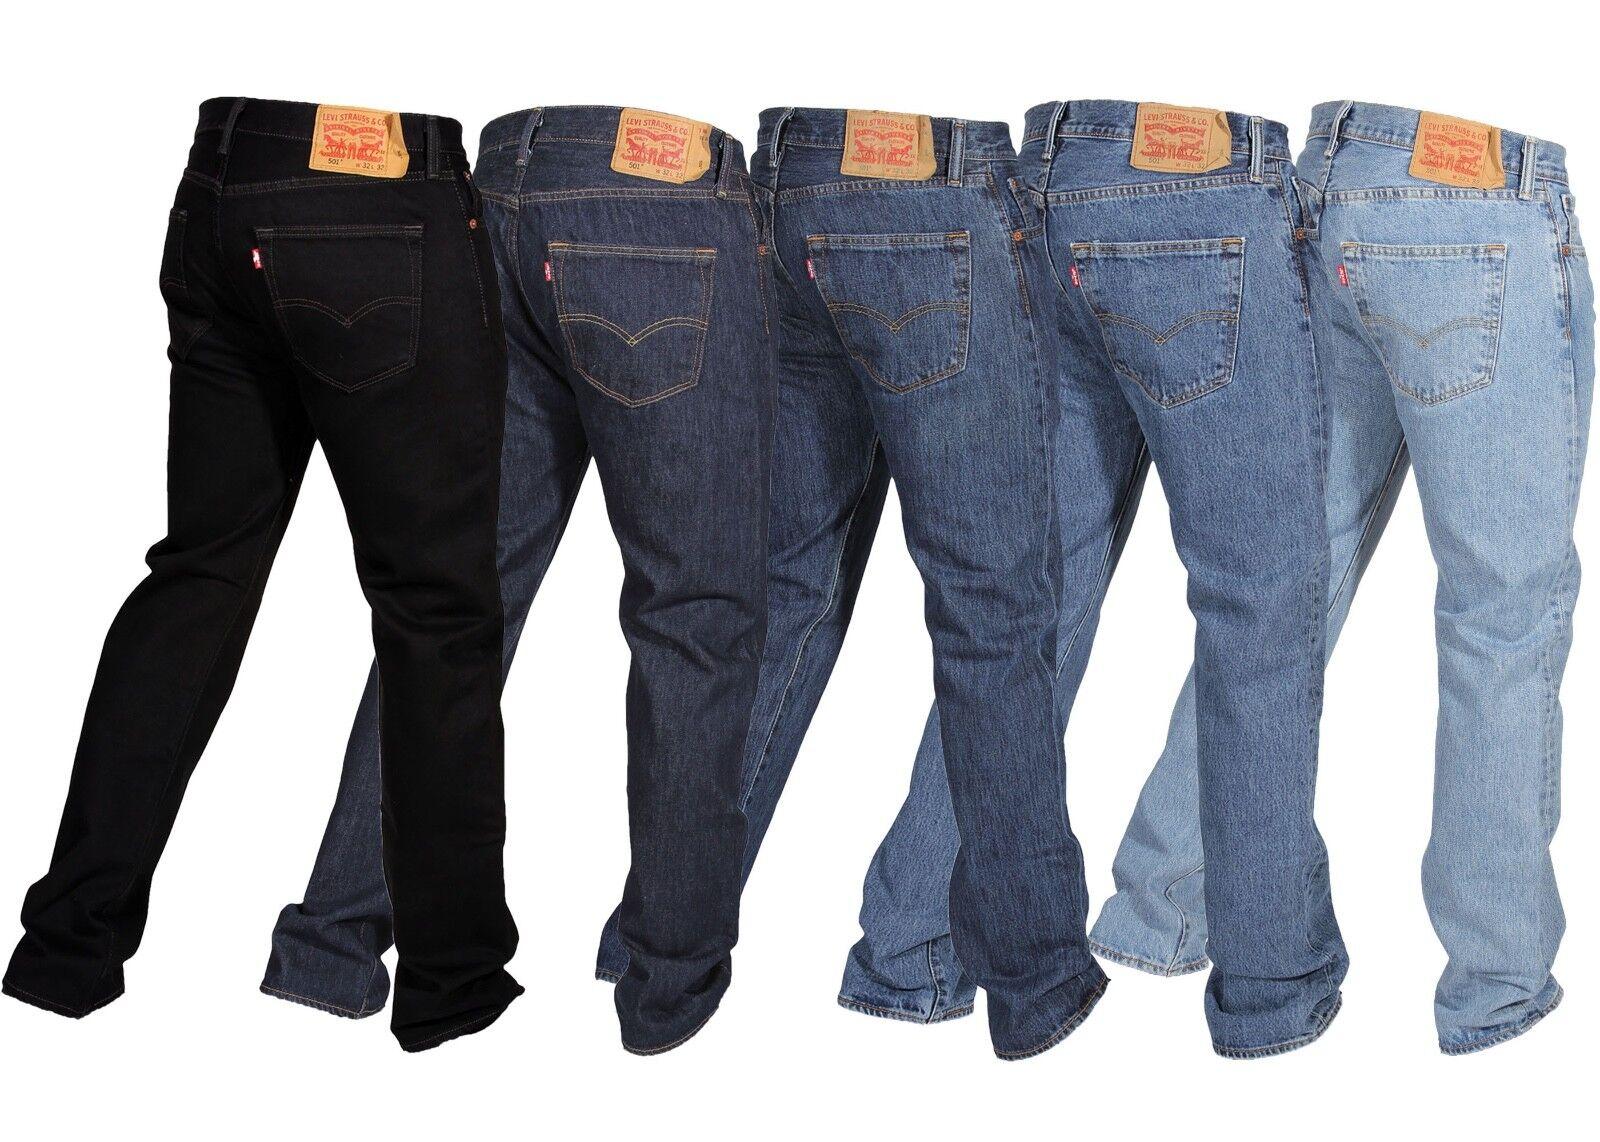 fa2d350340e купить levis jeans button denim, с доставкой Levis Mens 501 Original Fit  Jeans Straight Leg